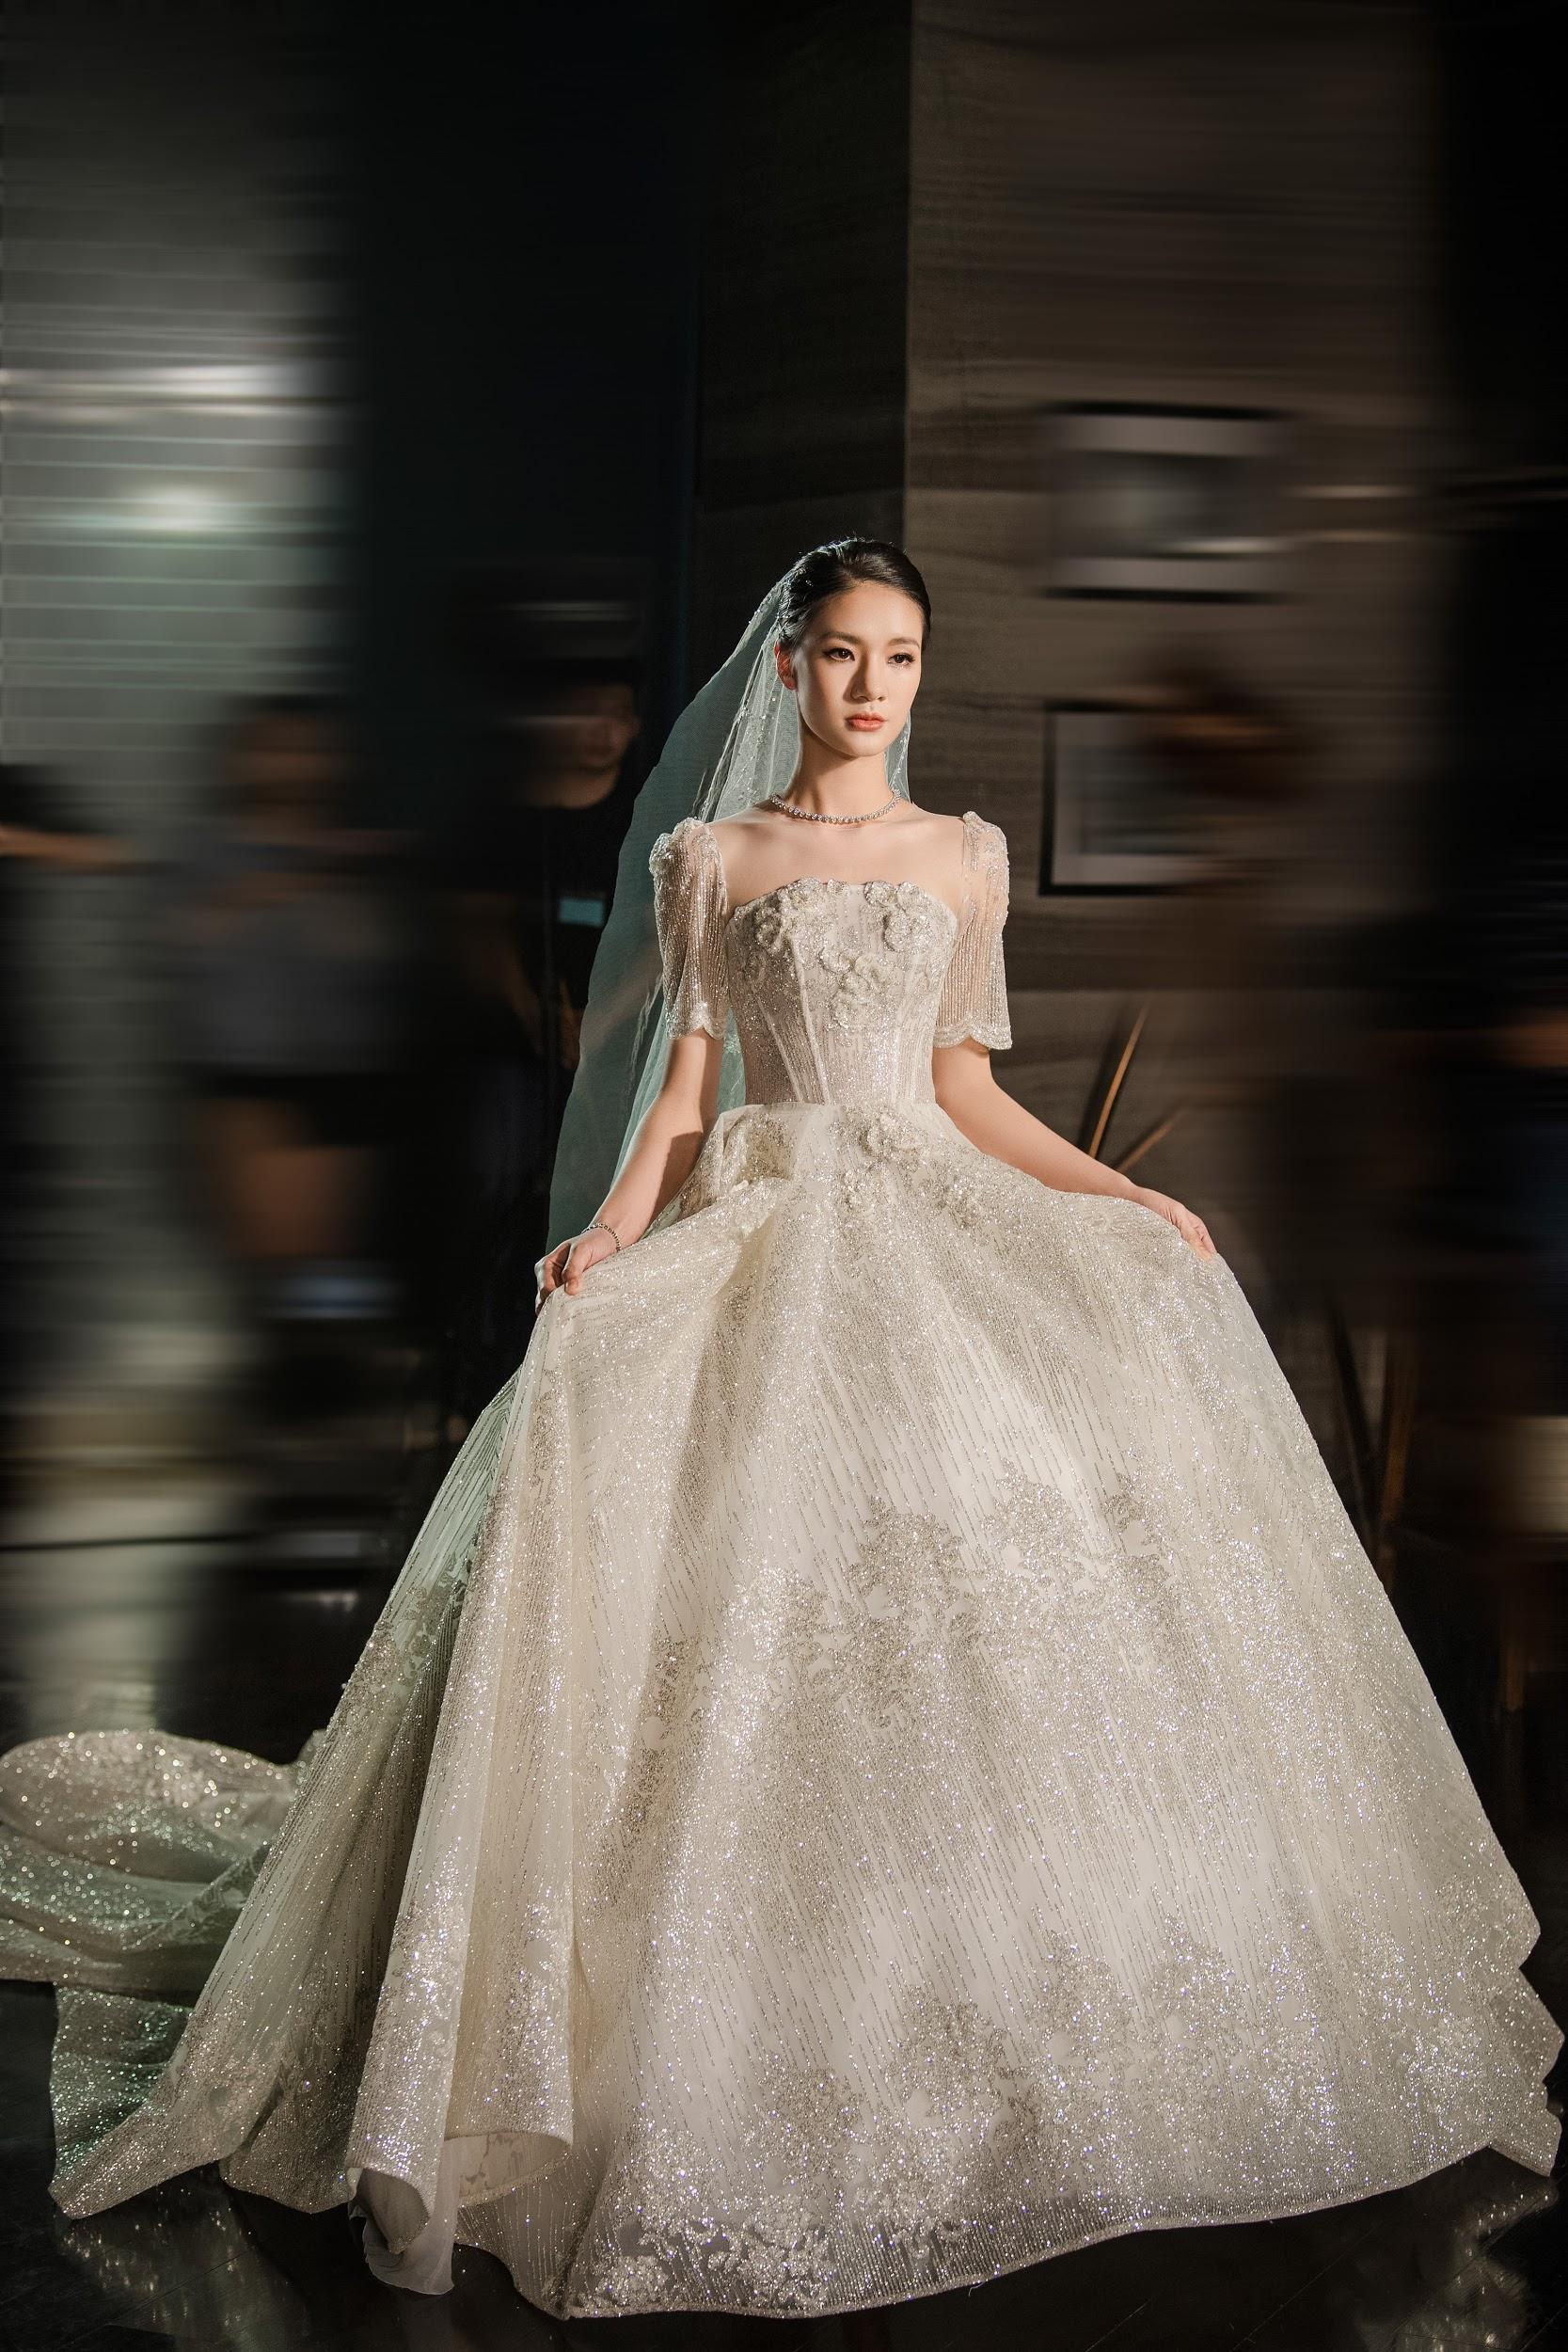 Lecia Bridal ra mắt dòng váy Luxury đính hàng trăm ngàn viên pha lê Swarovski - Ảnh 9.